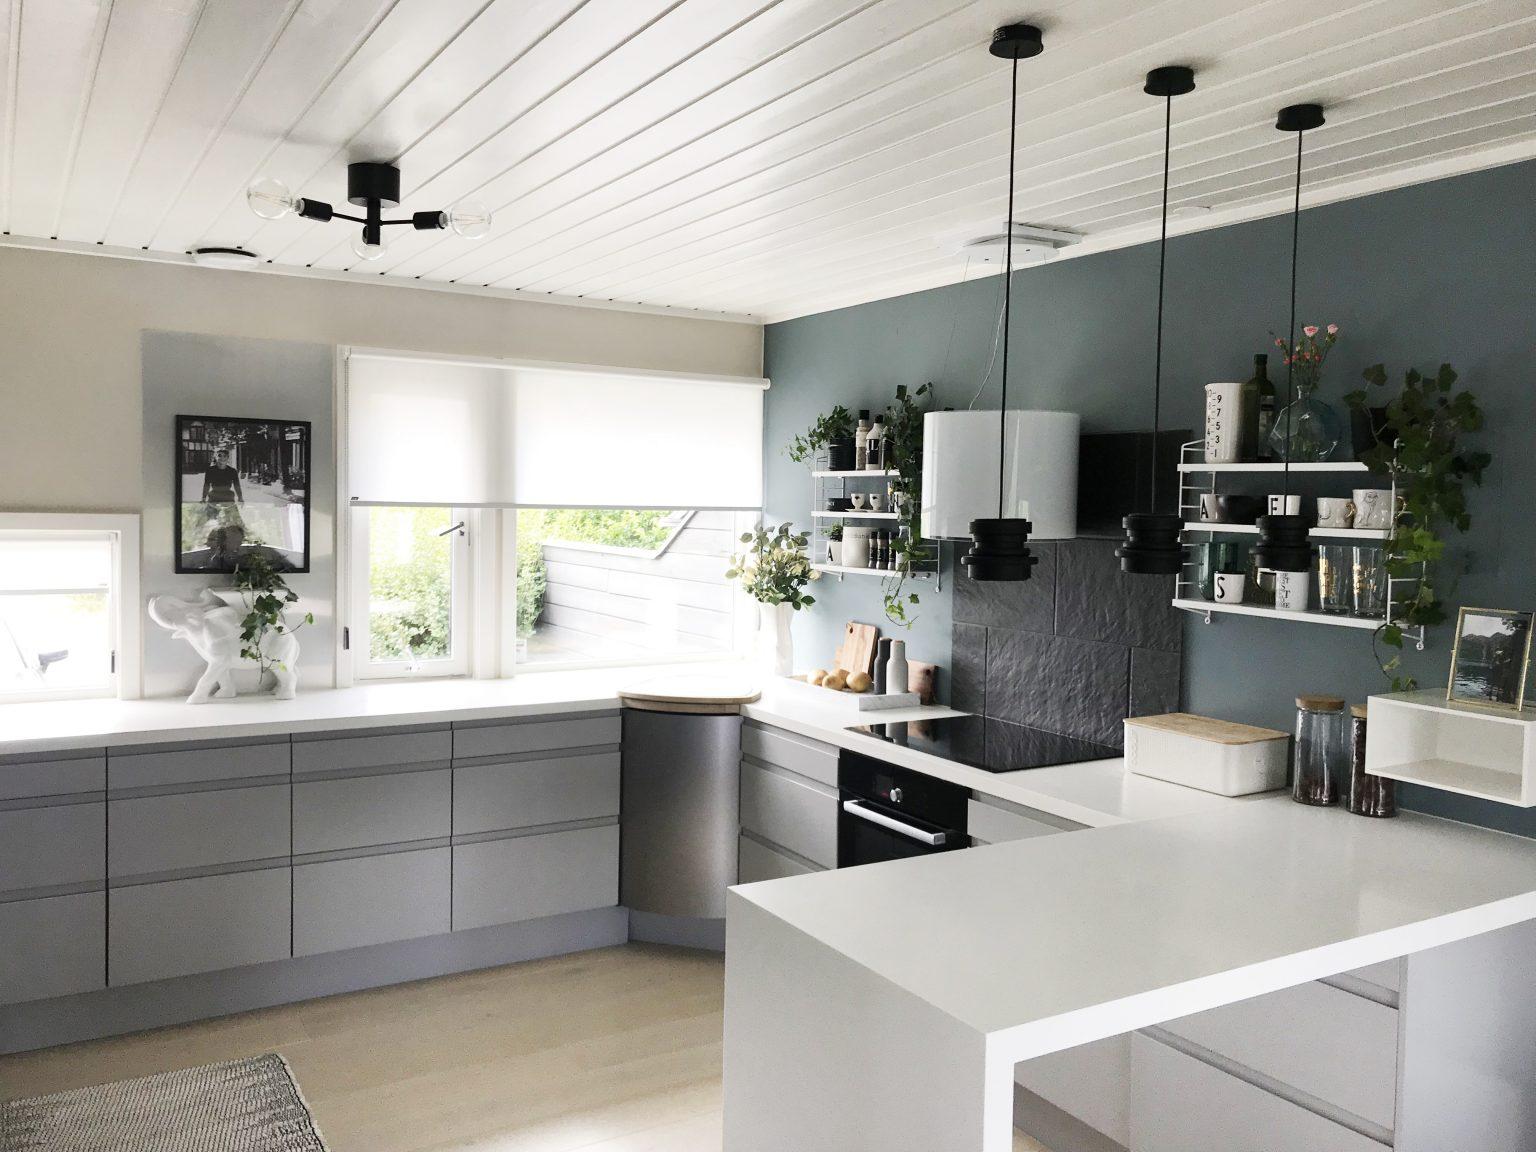 Utmerket Kjøkkenet vårt - Før & Etter - NetteNestea.com OO-43